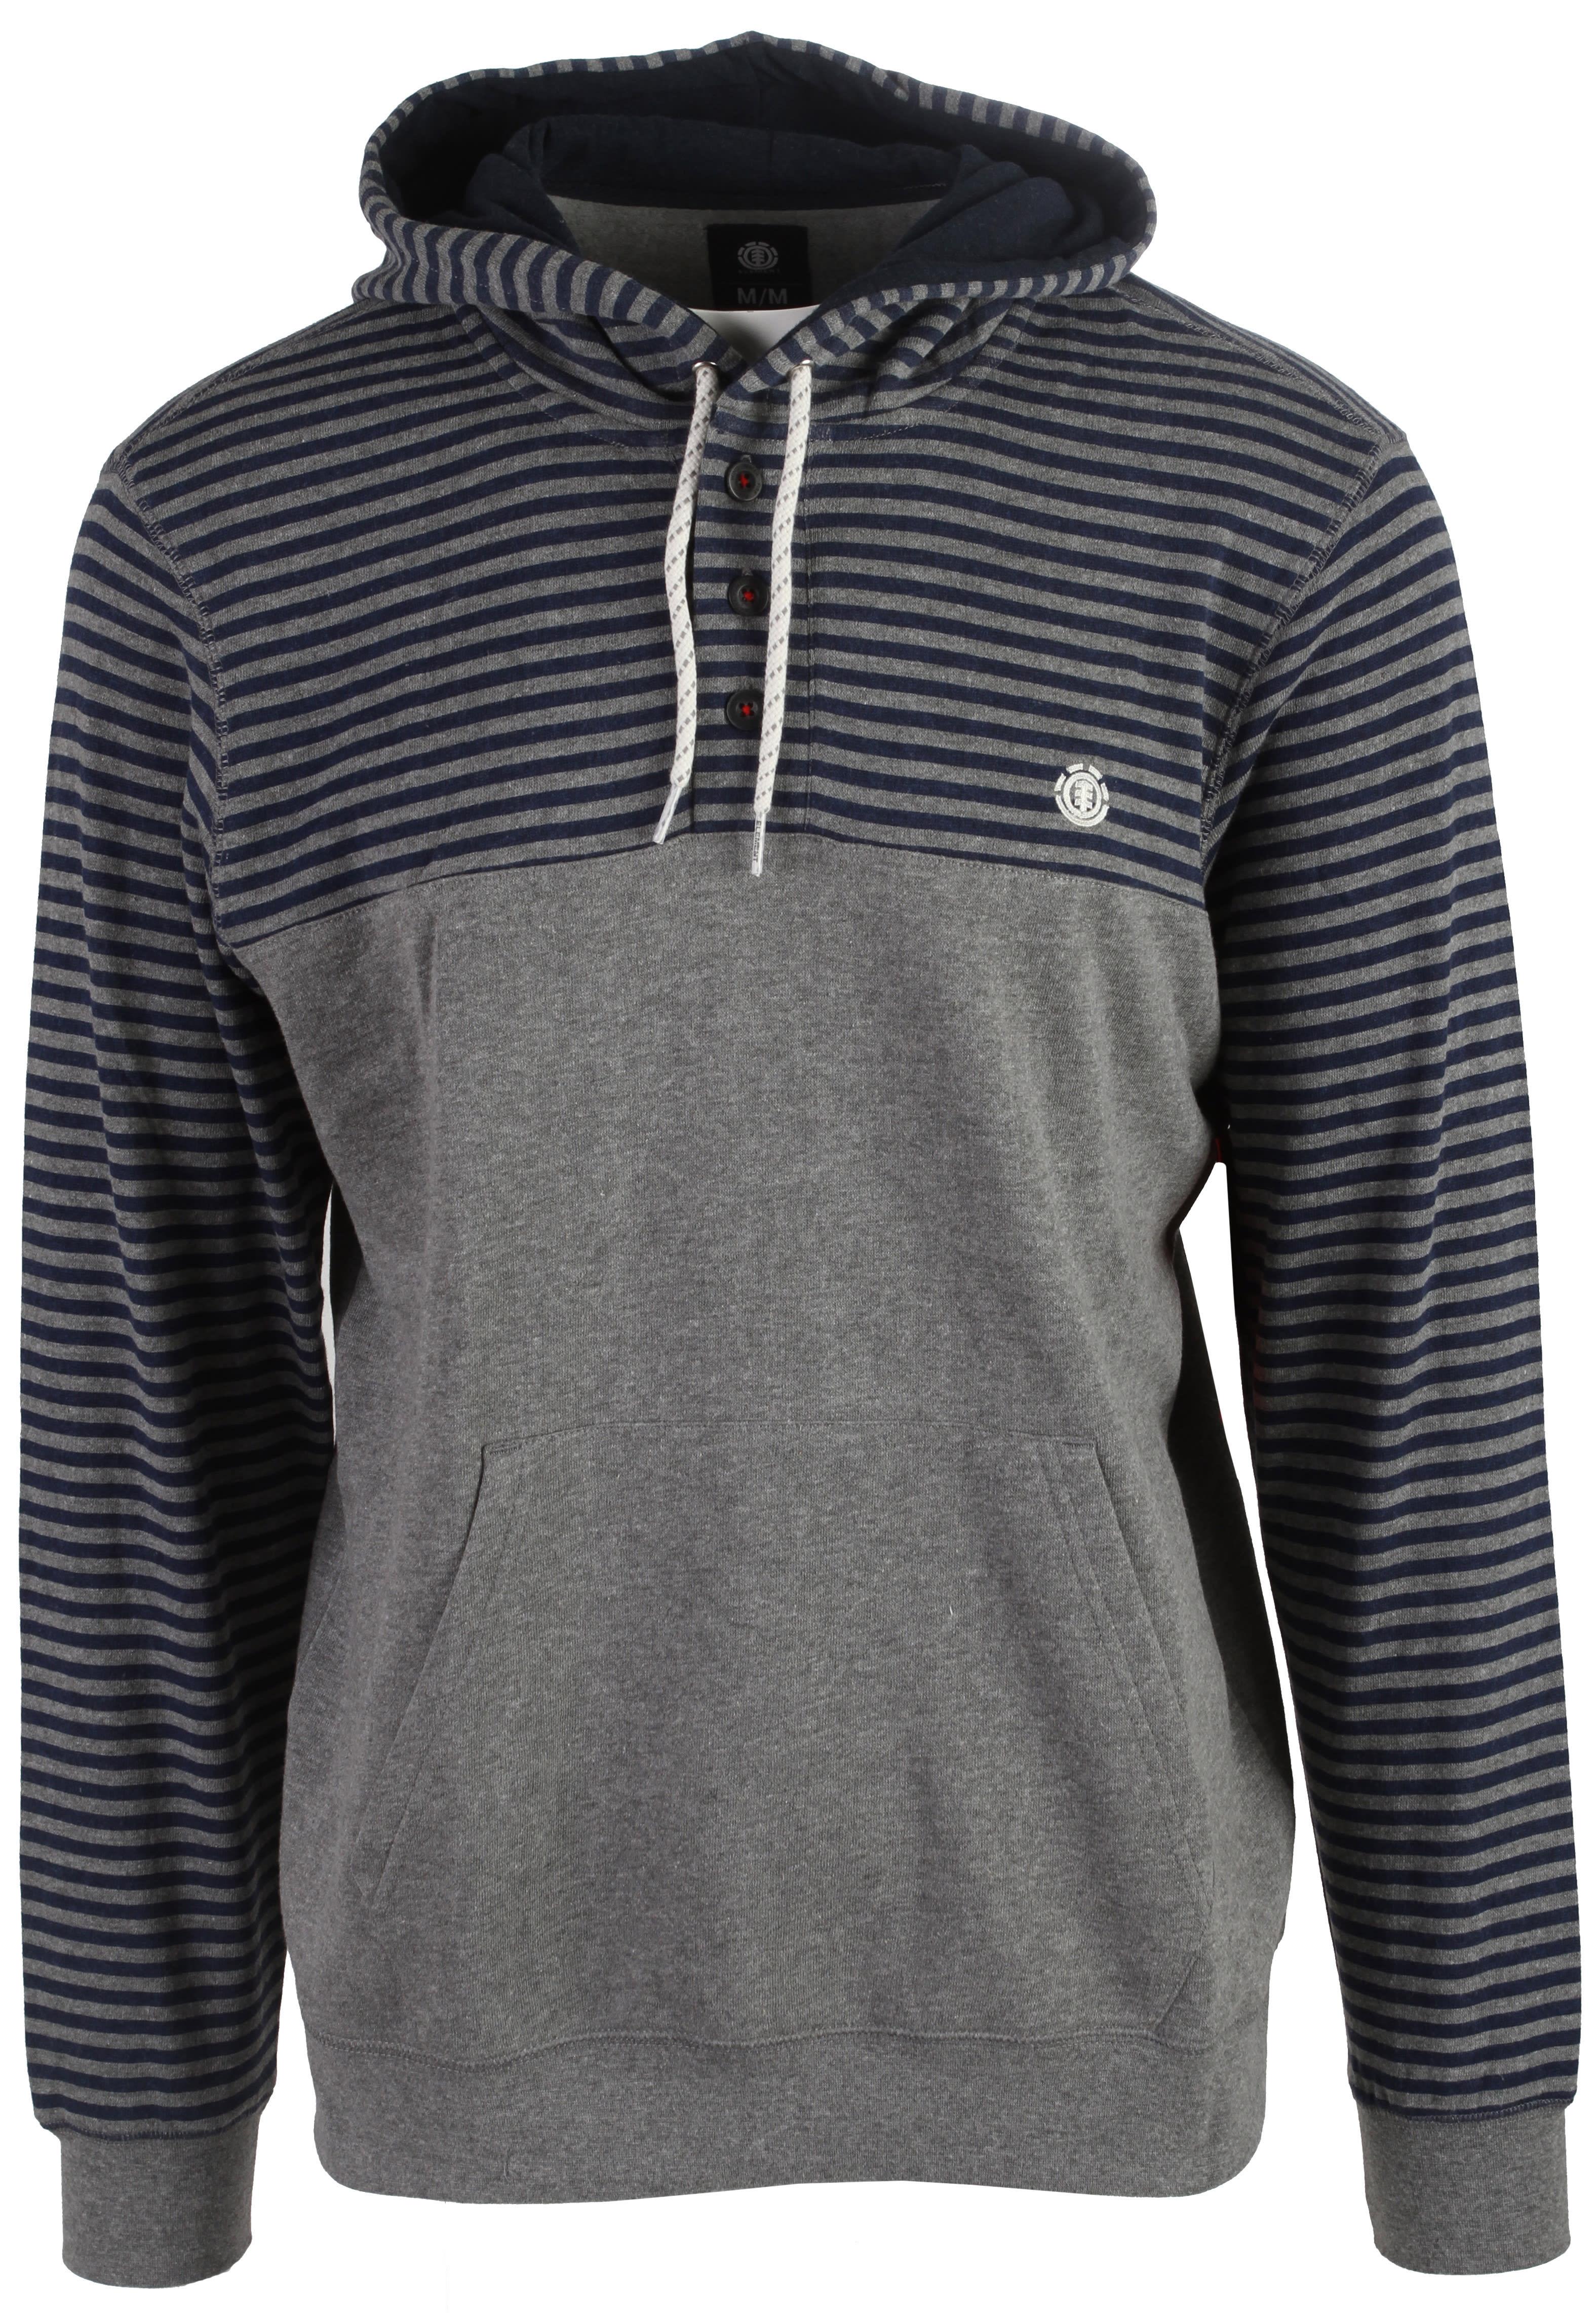 Henley hoodies